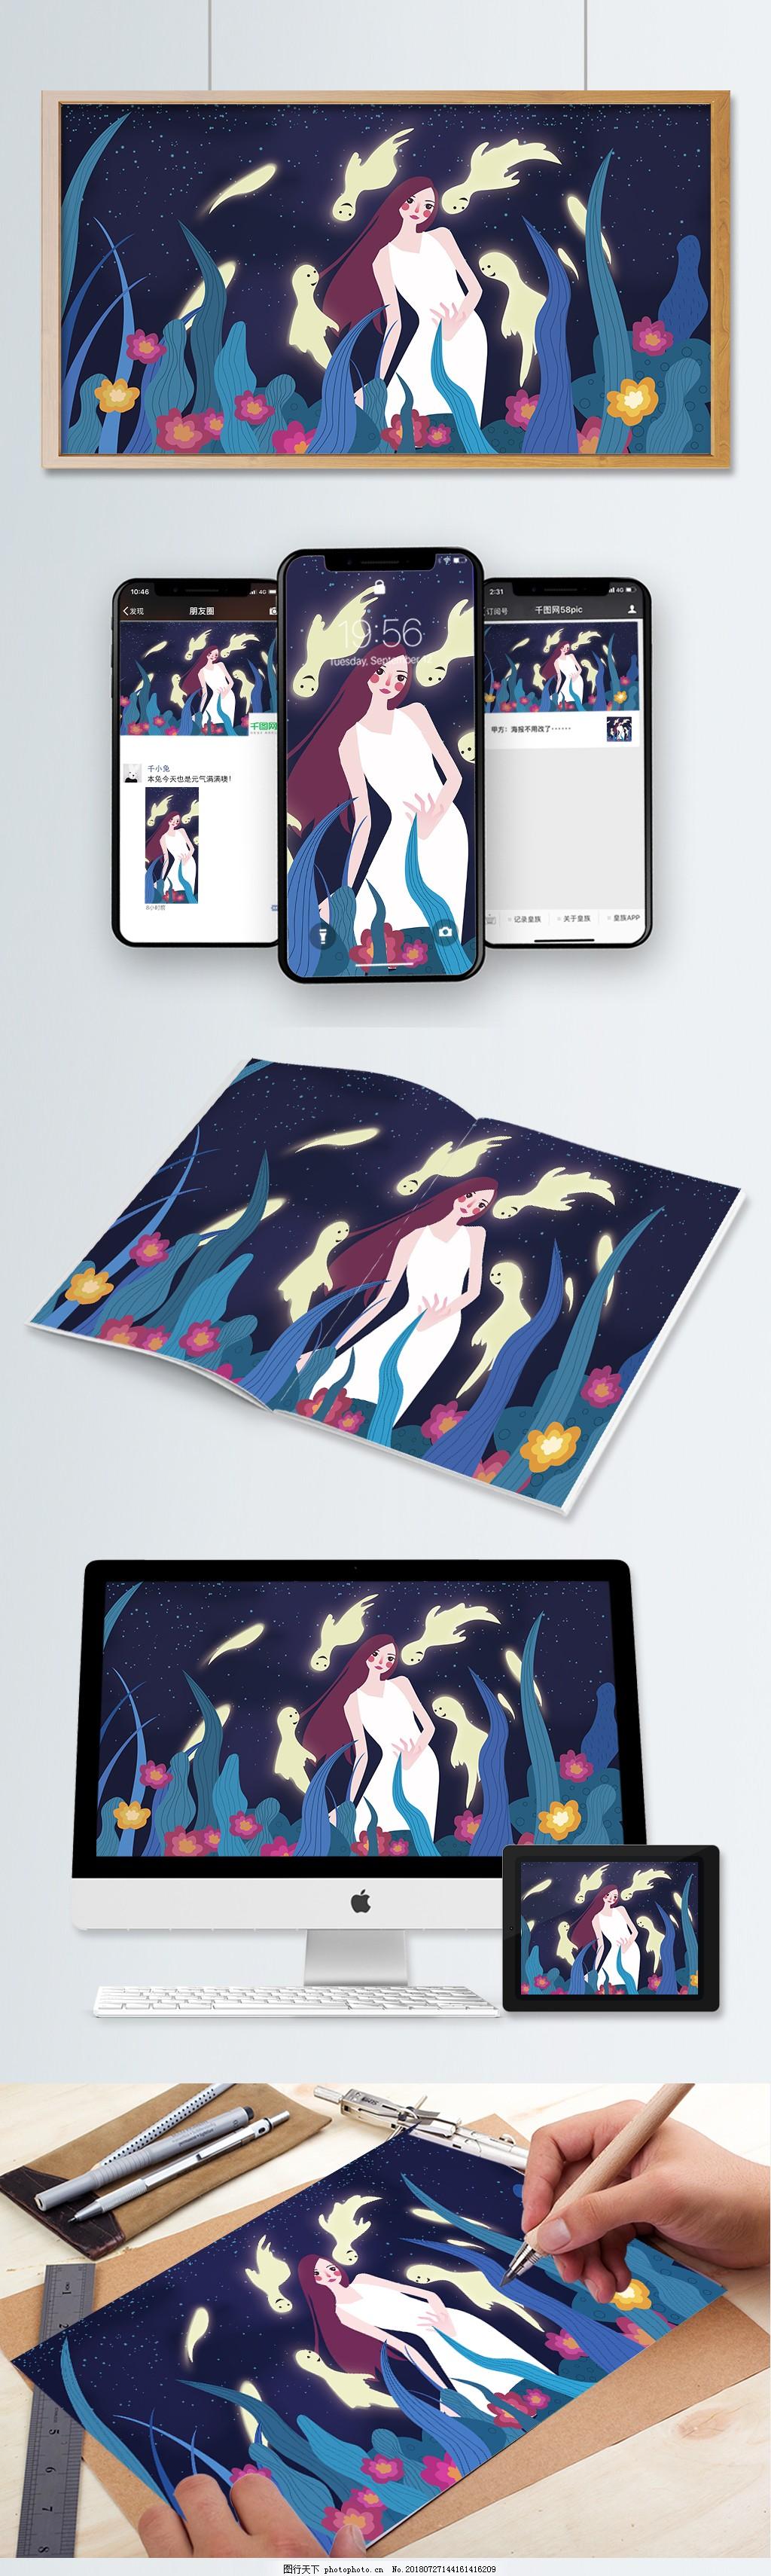 精灵怪和怪女孩原创矢量插画,小清新,封面,蓝色背景,星空,花丛,壁纸